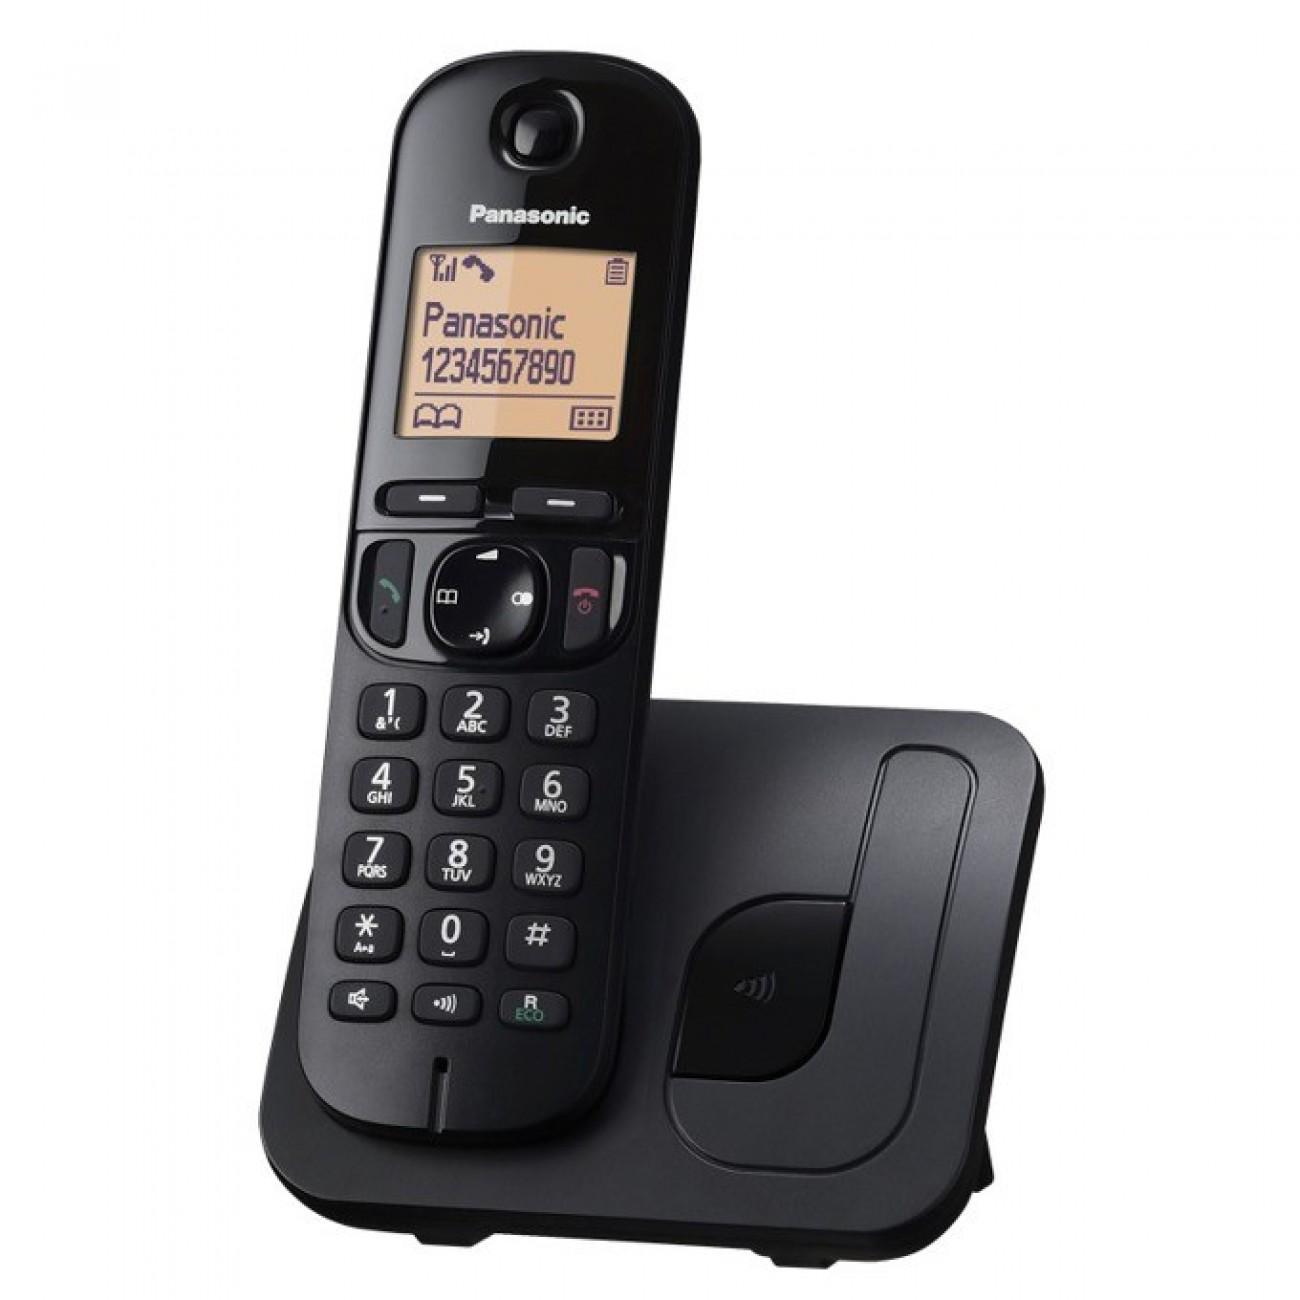 Безжичен телефон Panasonic KX-TGC210 FXB, 1.6(4,06) LCD дисплей, черен в Безжични телефони -  | Alleop